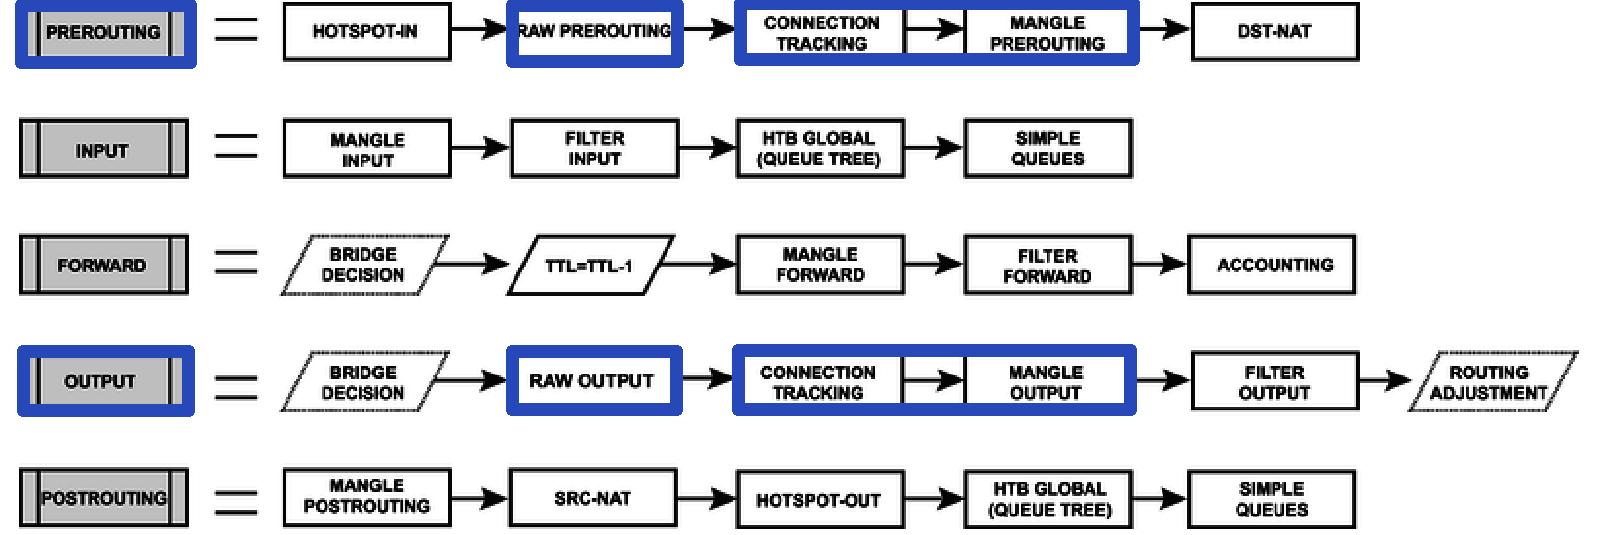 mikrotik-prerouting-output